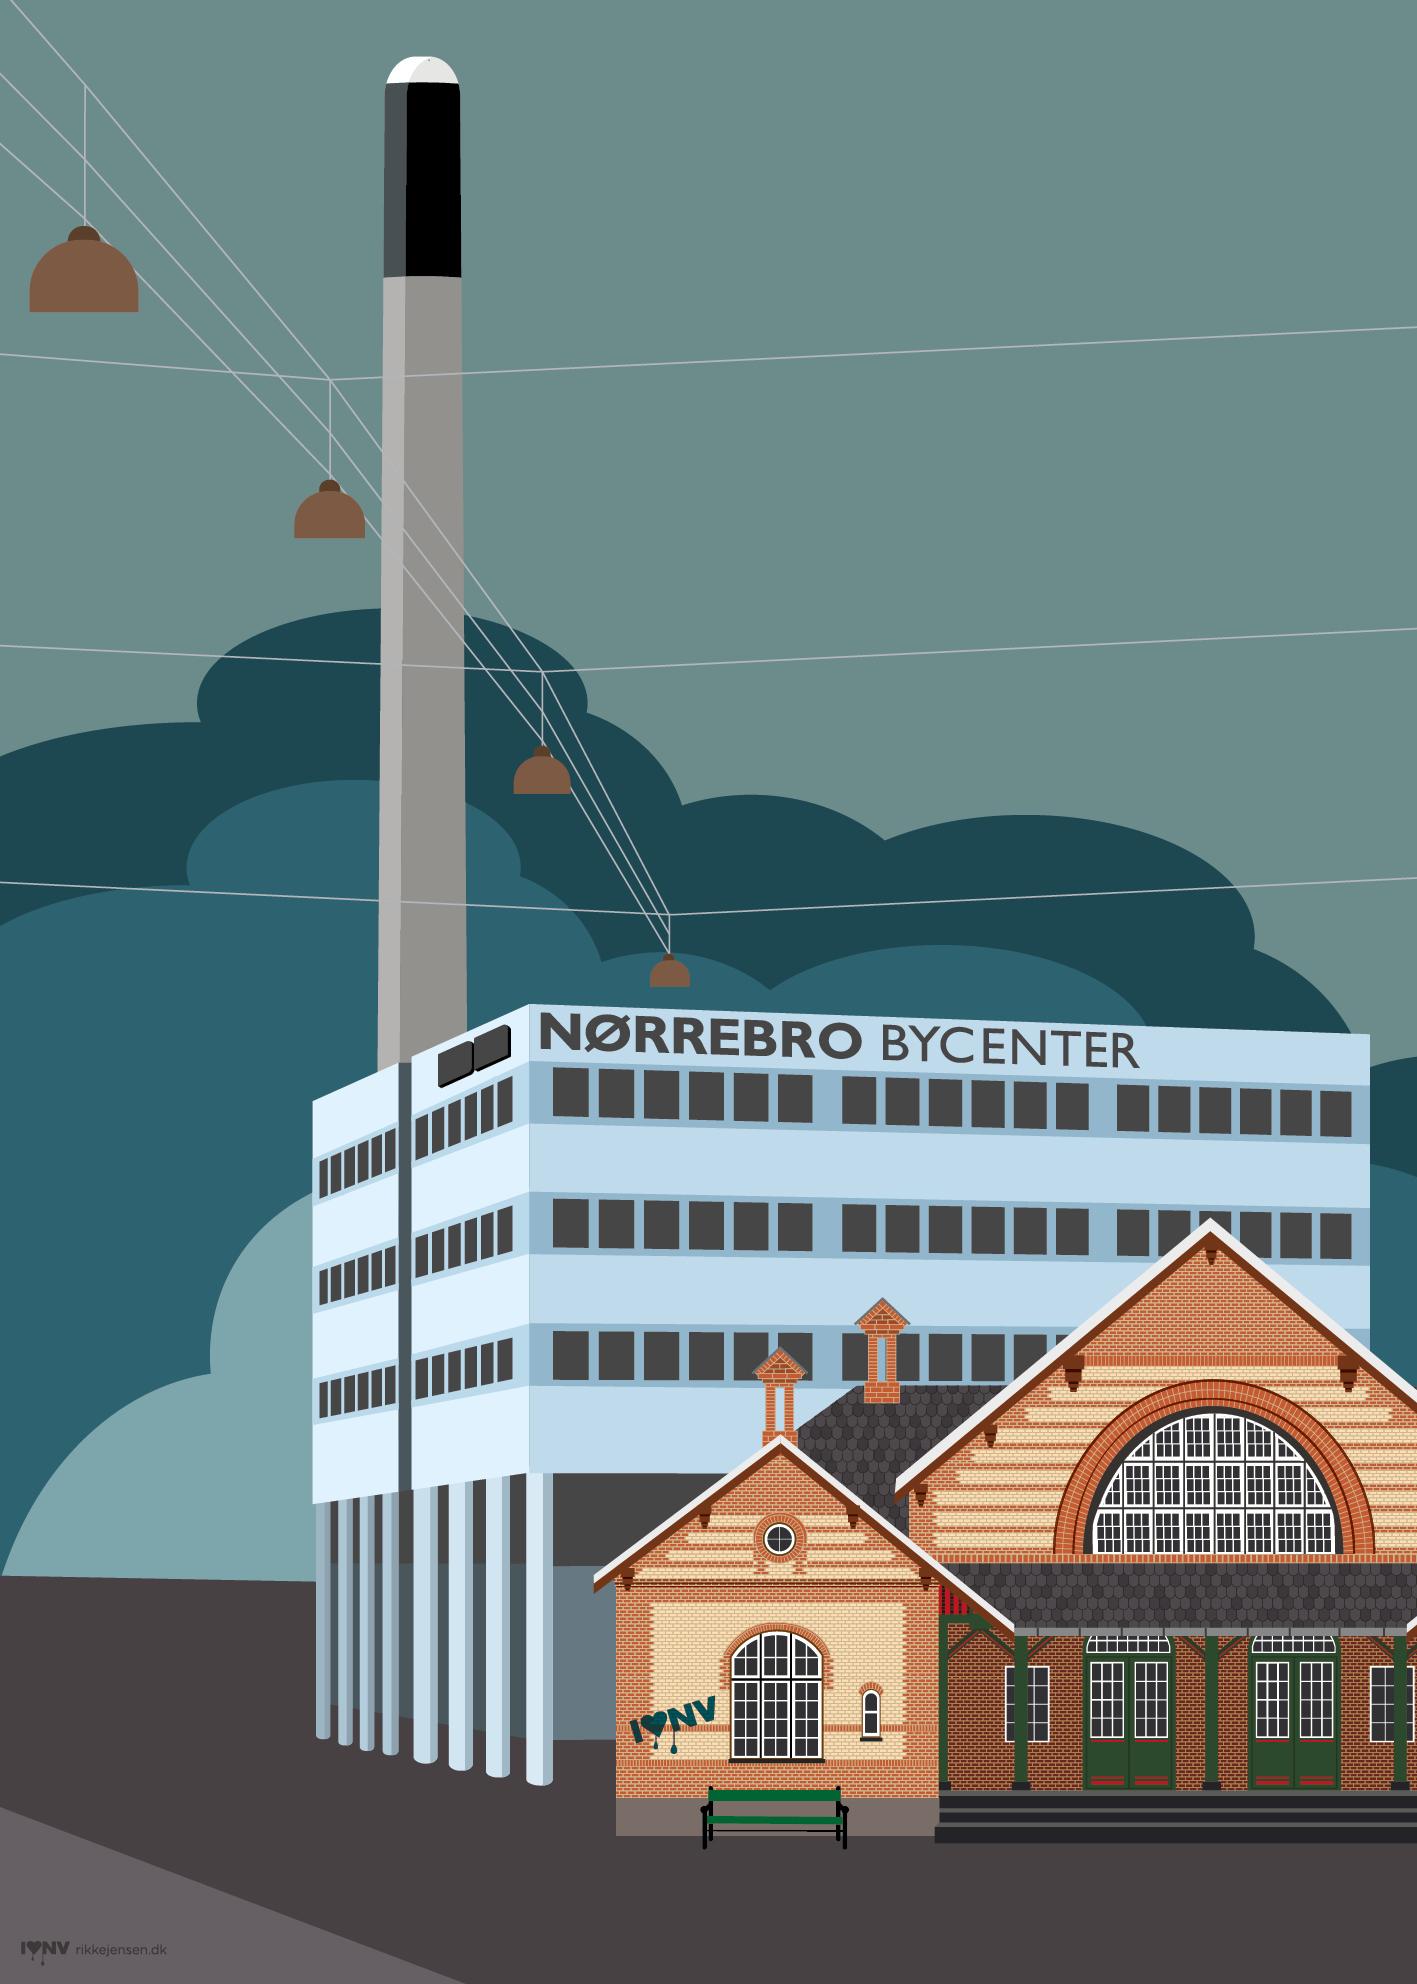 I ♥ NV - Nordvest plakat Nørrebro Bycenter og Lygten